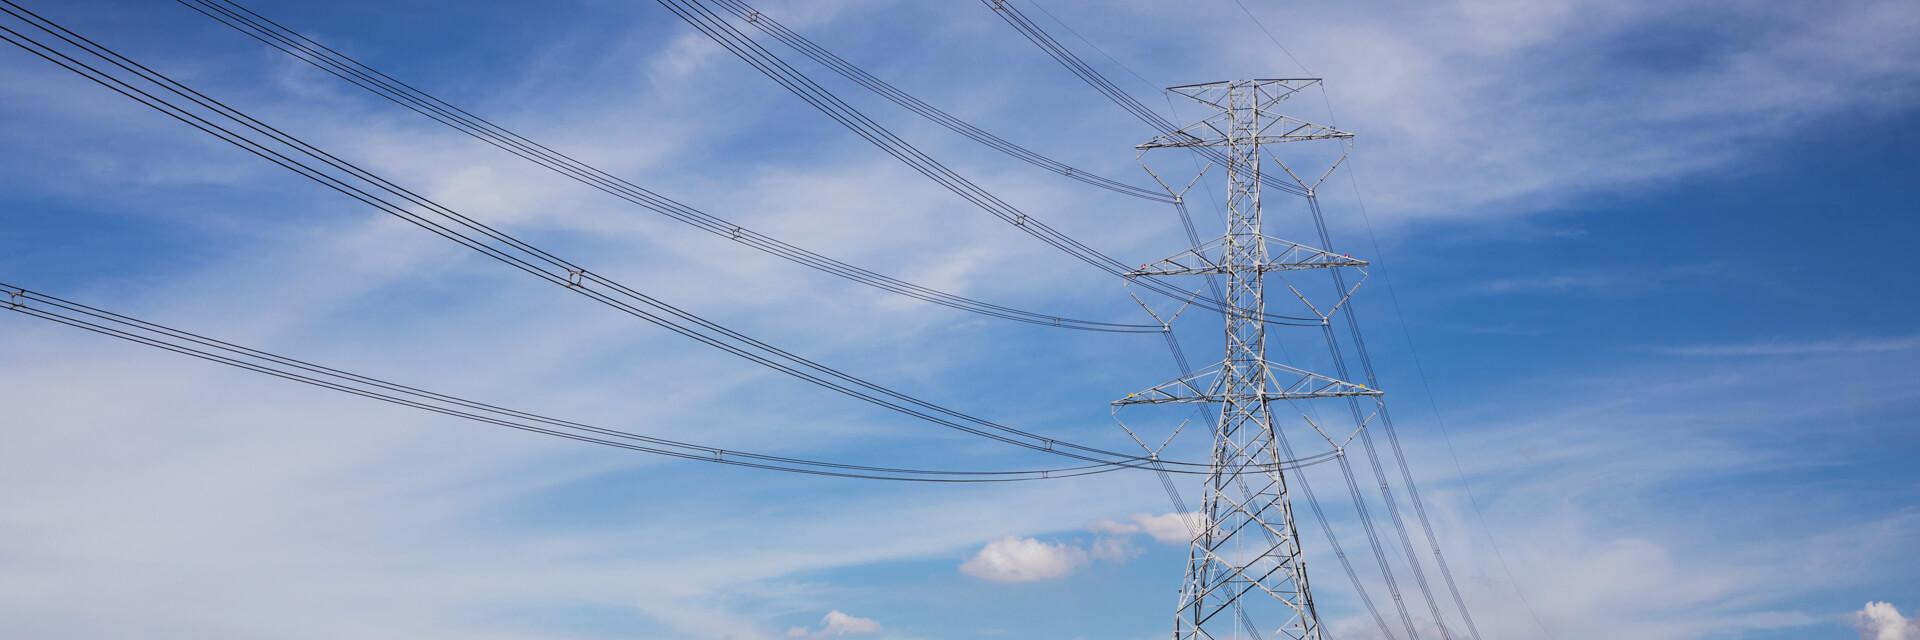 Инспекция ЛЭП Обеспечьте безопасность при осмотре опасных объектов инфраструктуры, ускорив стандартные операции обслуживания.